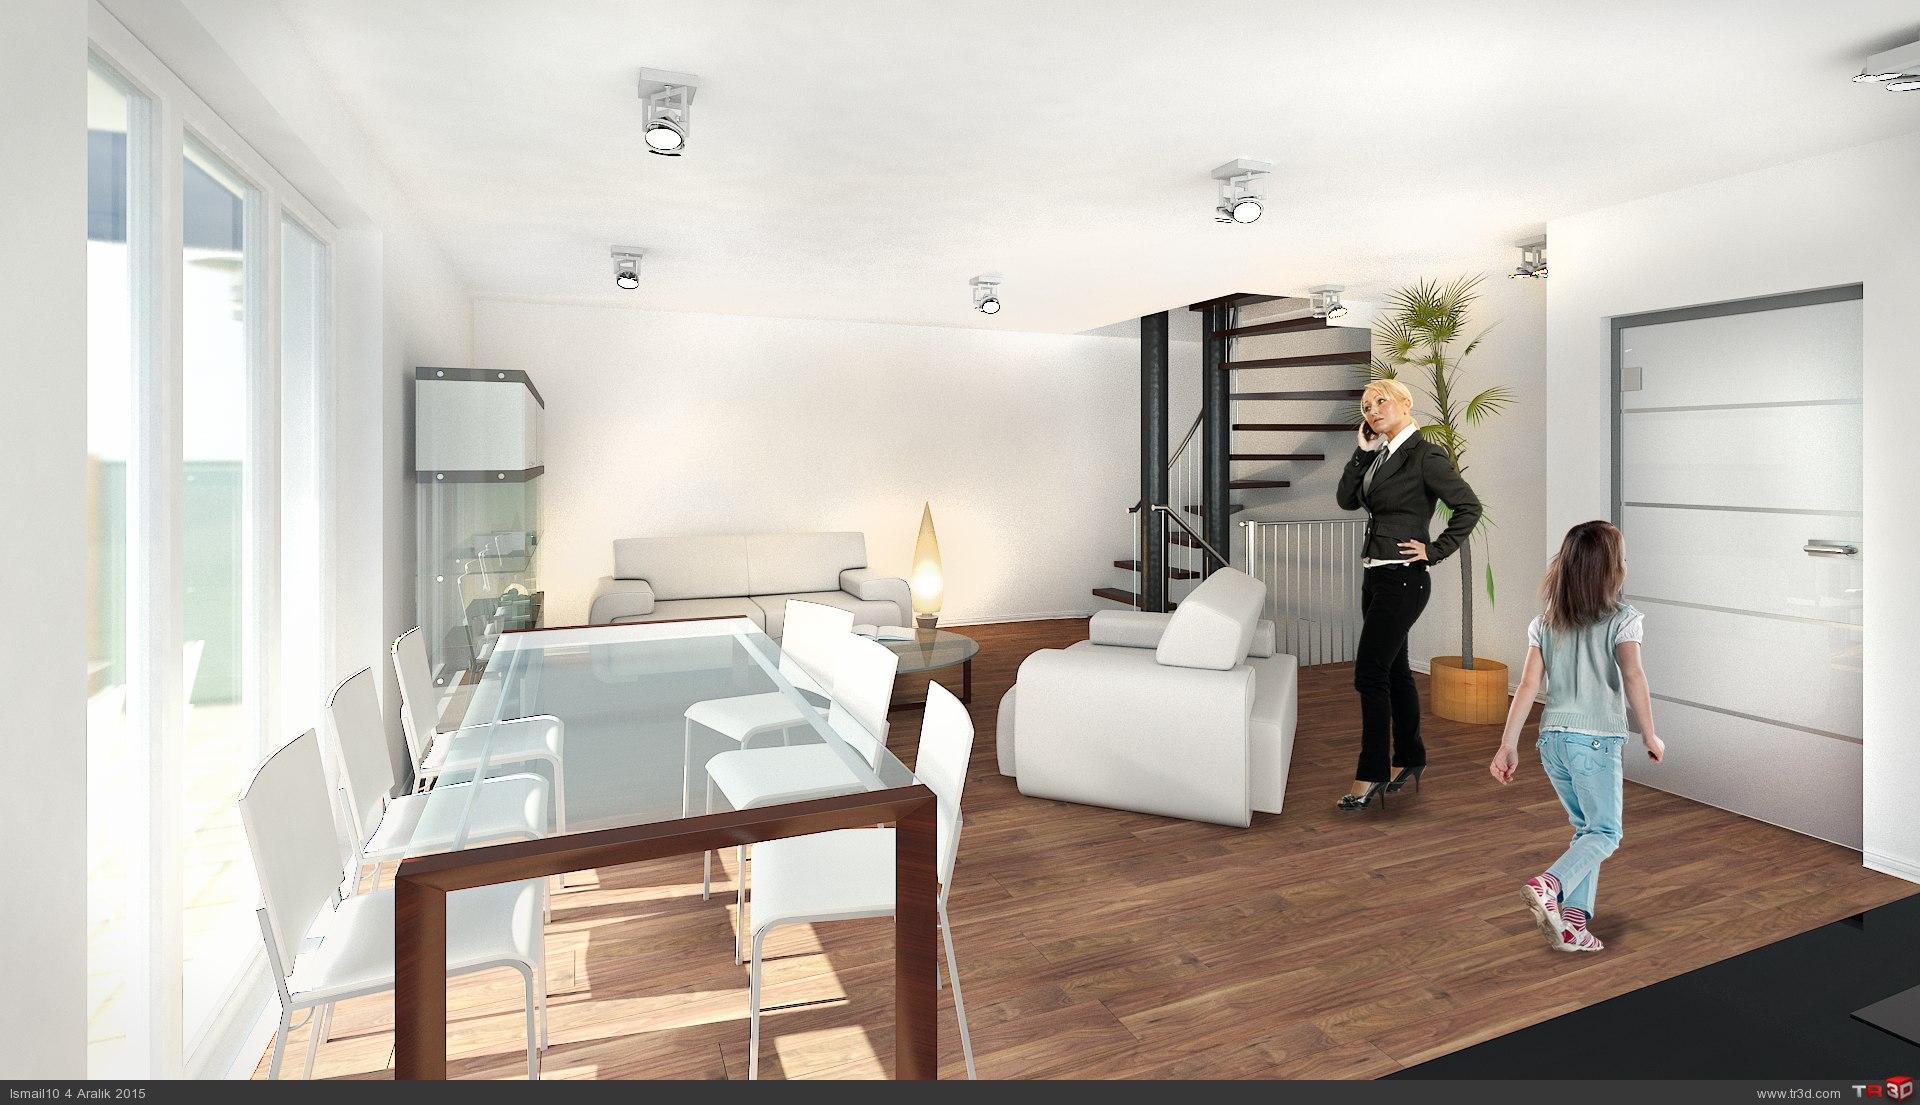 Almanya`da 17 daireli bina - ic mekanlar 5